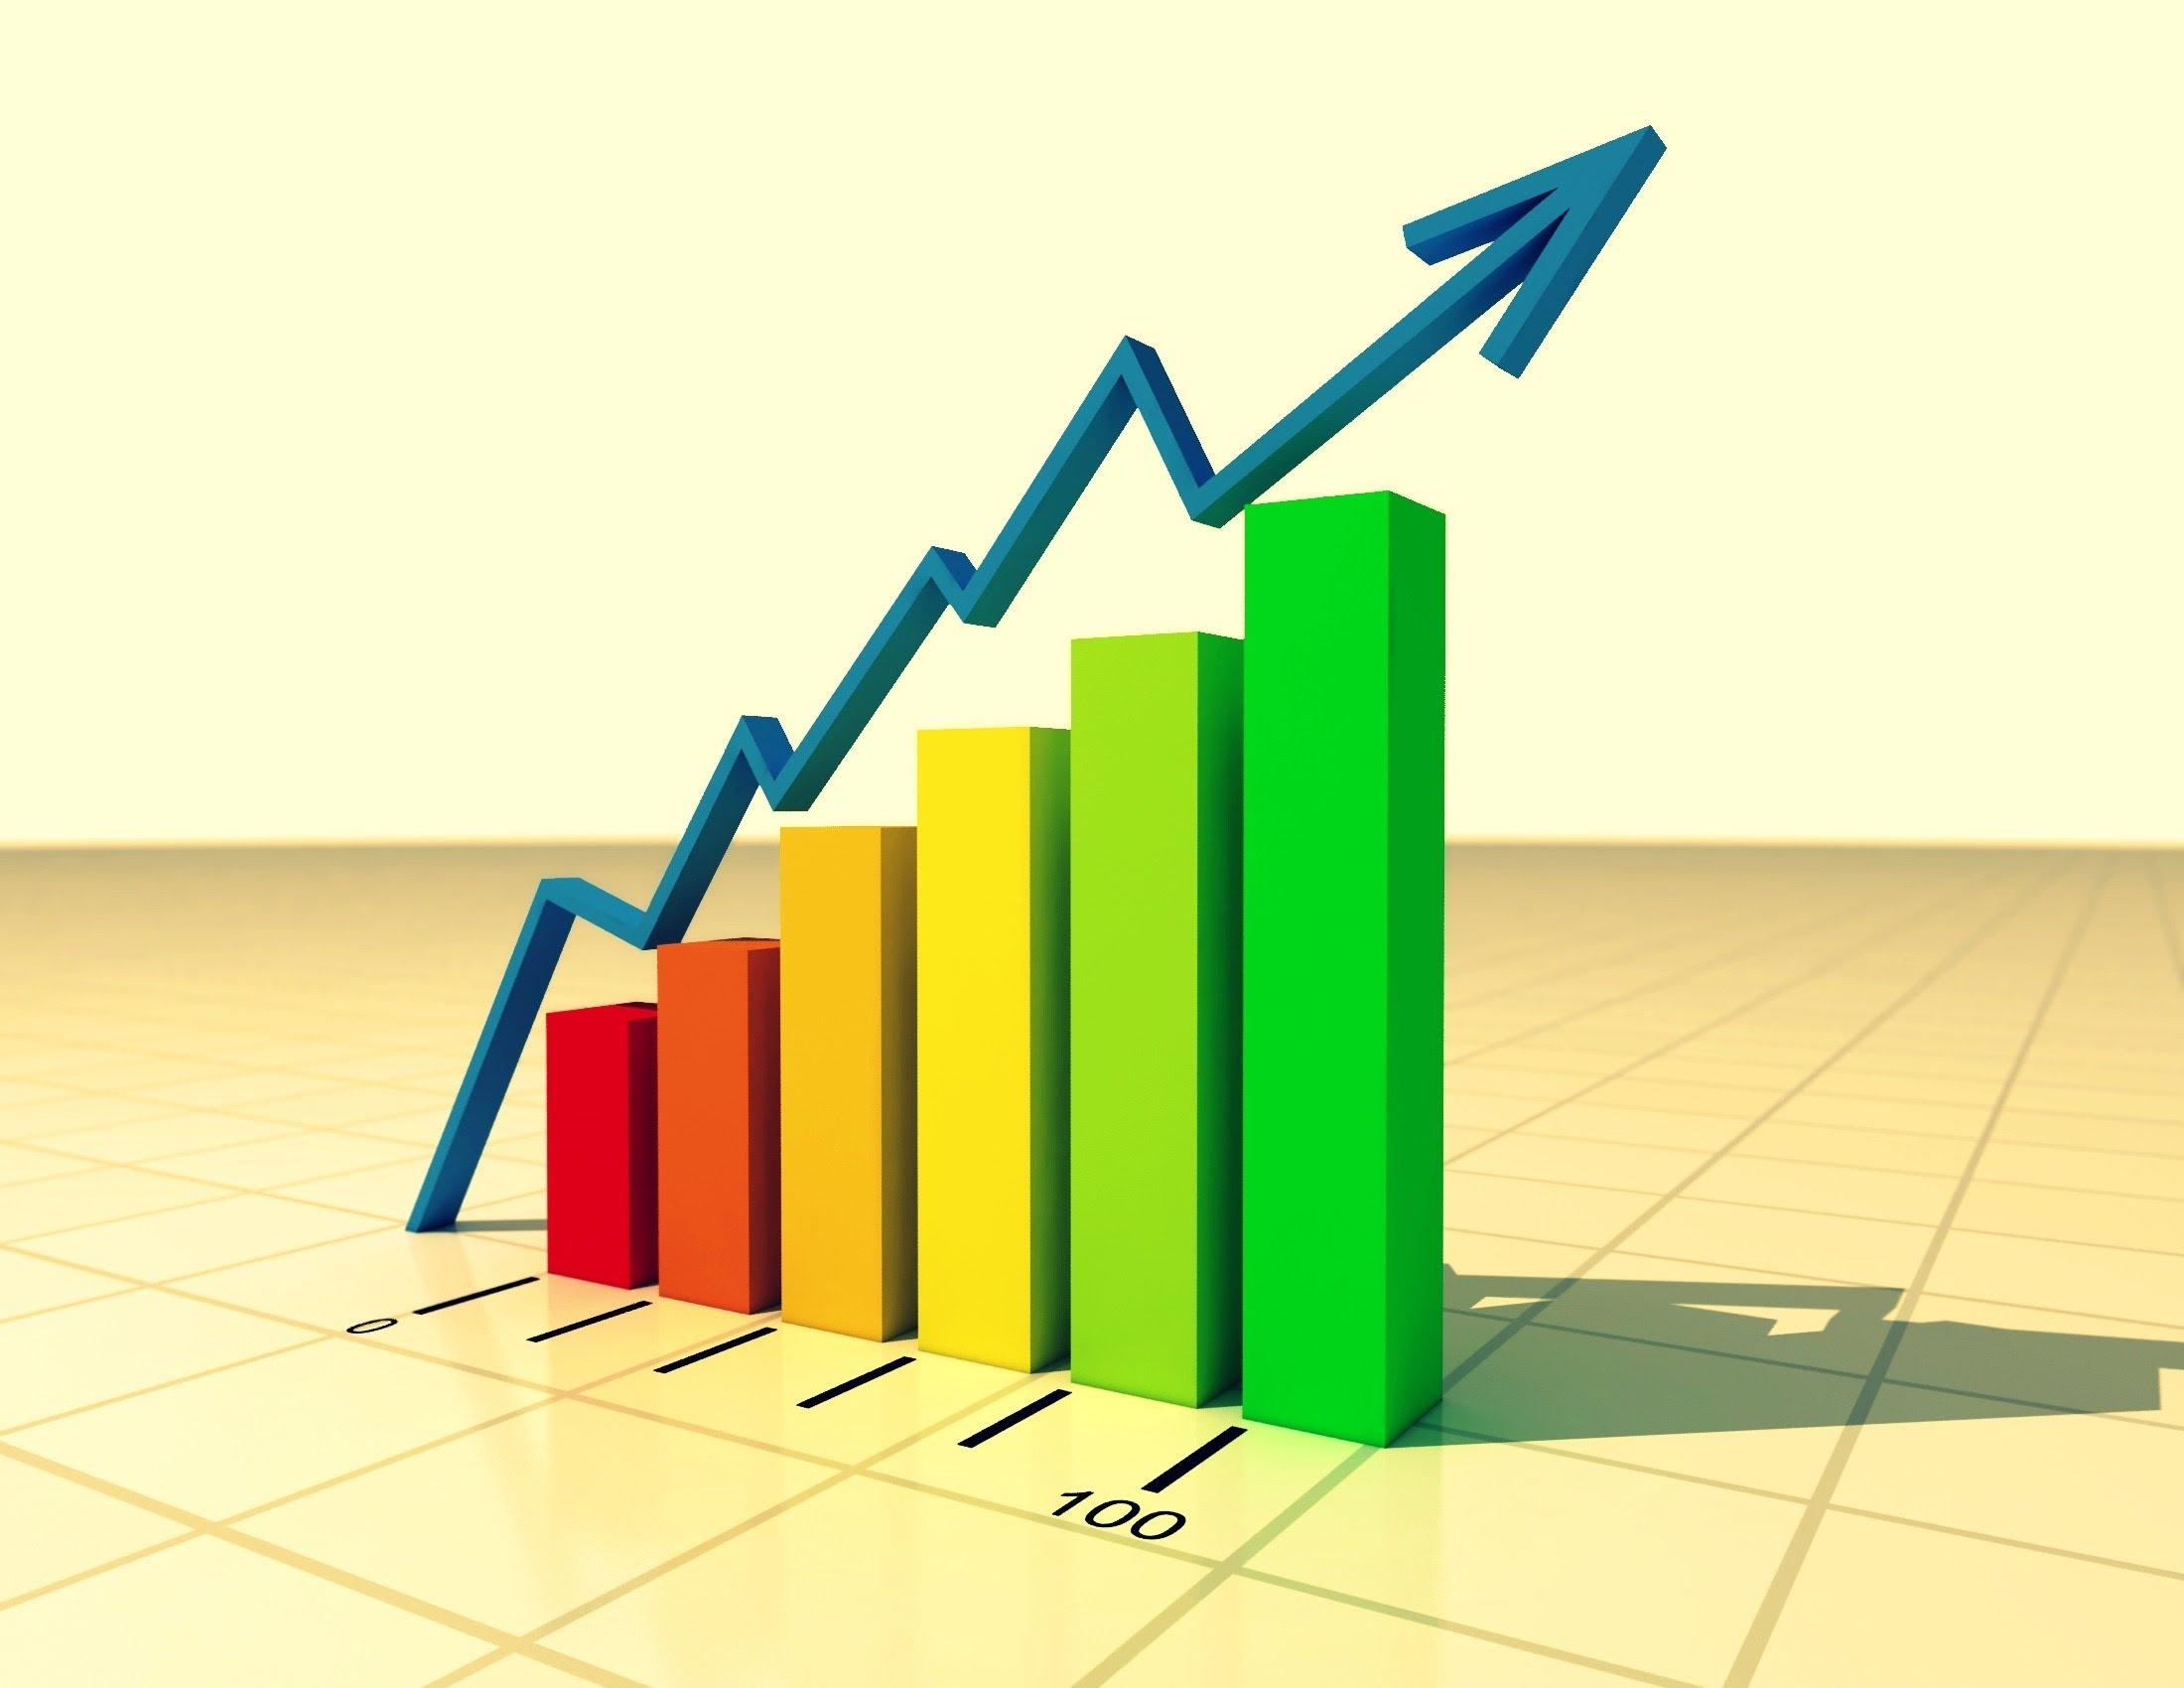 الإحصاء والإقتصاد ما العلاقة بينهما وهل يعد علم الإحصاء جزءا من علم الاقتصاد كما يعتقد الكثيرون الاقتصادي العربي